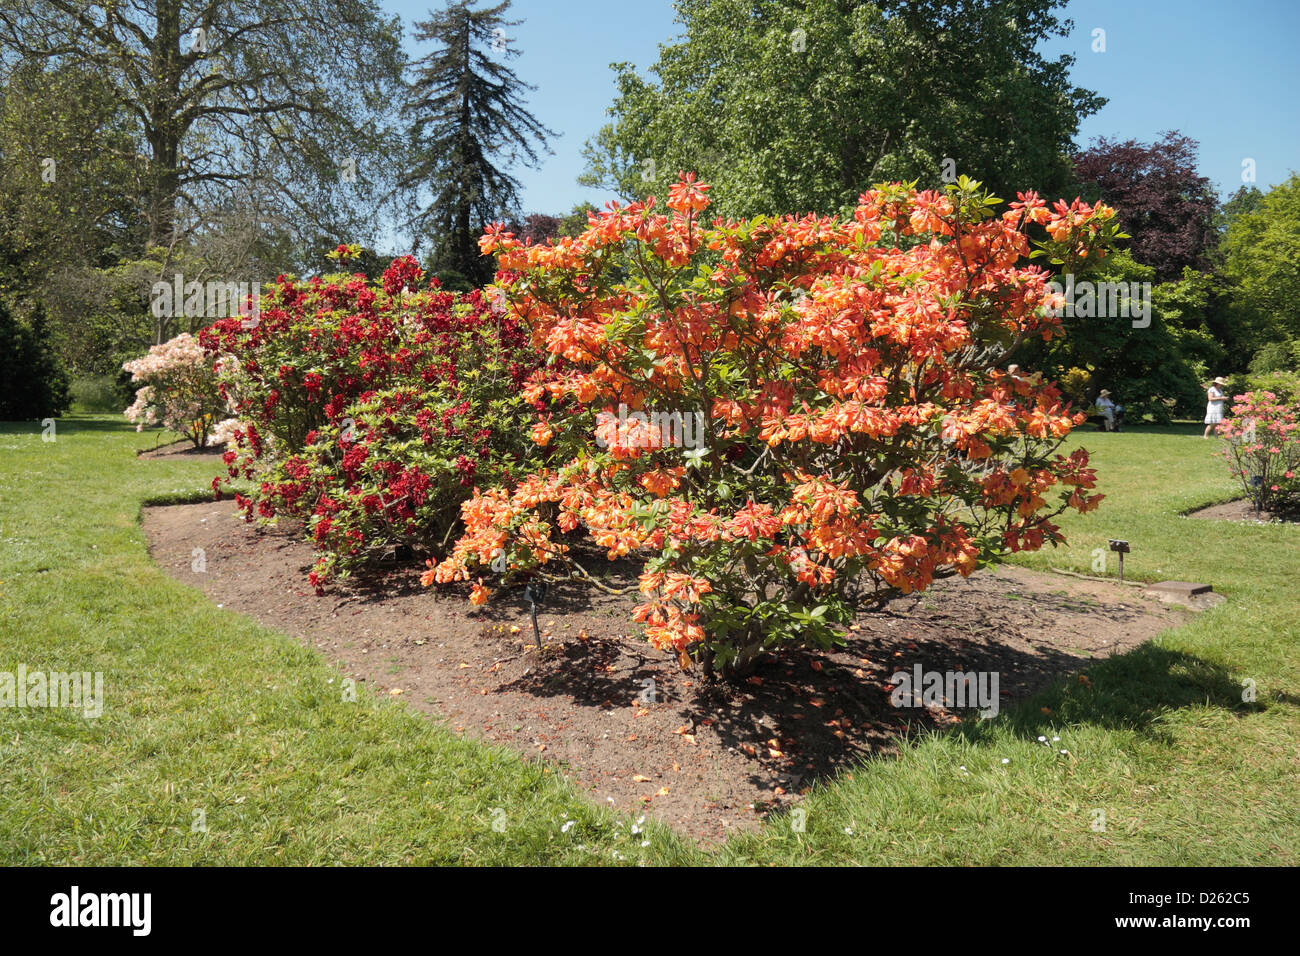 Orange Botanic Garden Stock Photos & Orange Botanic Garden Stock ...